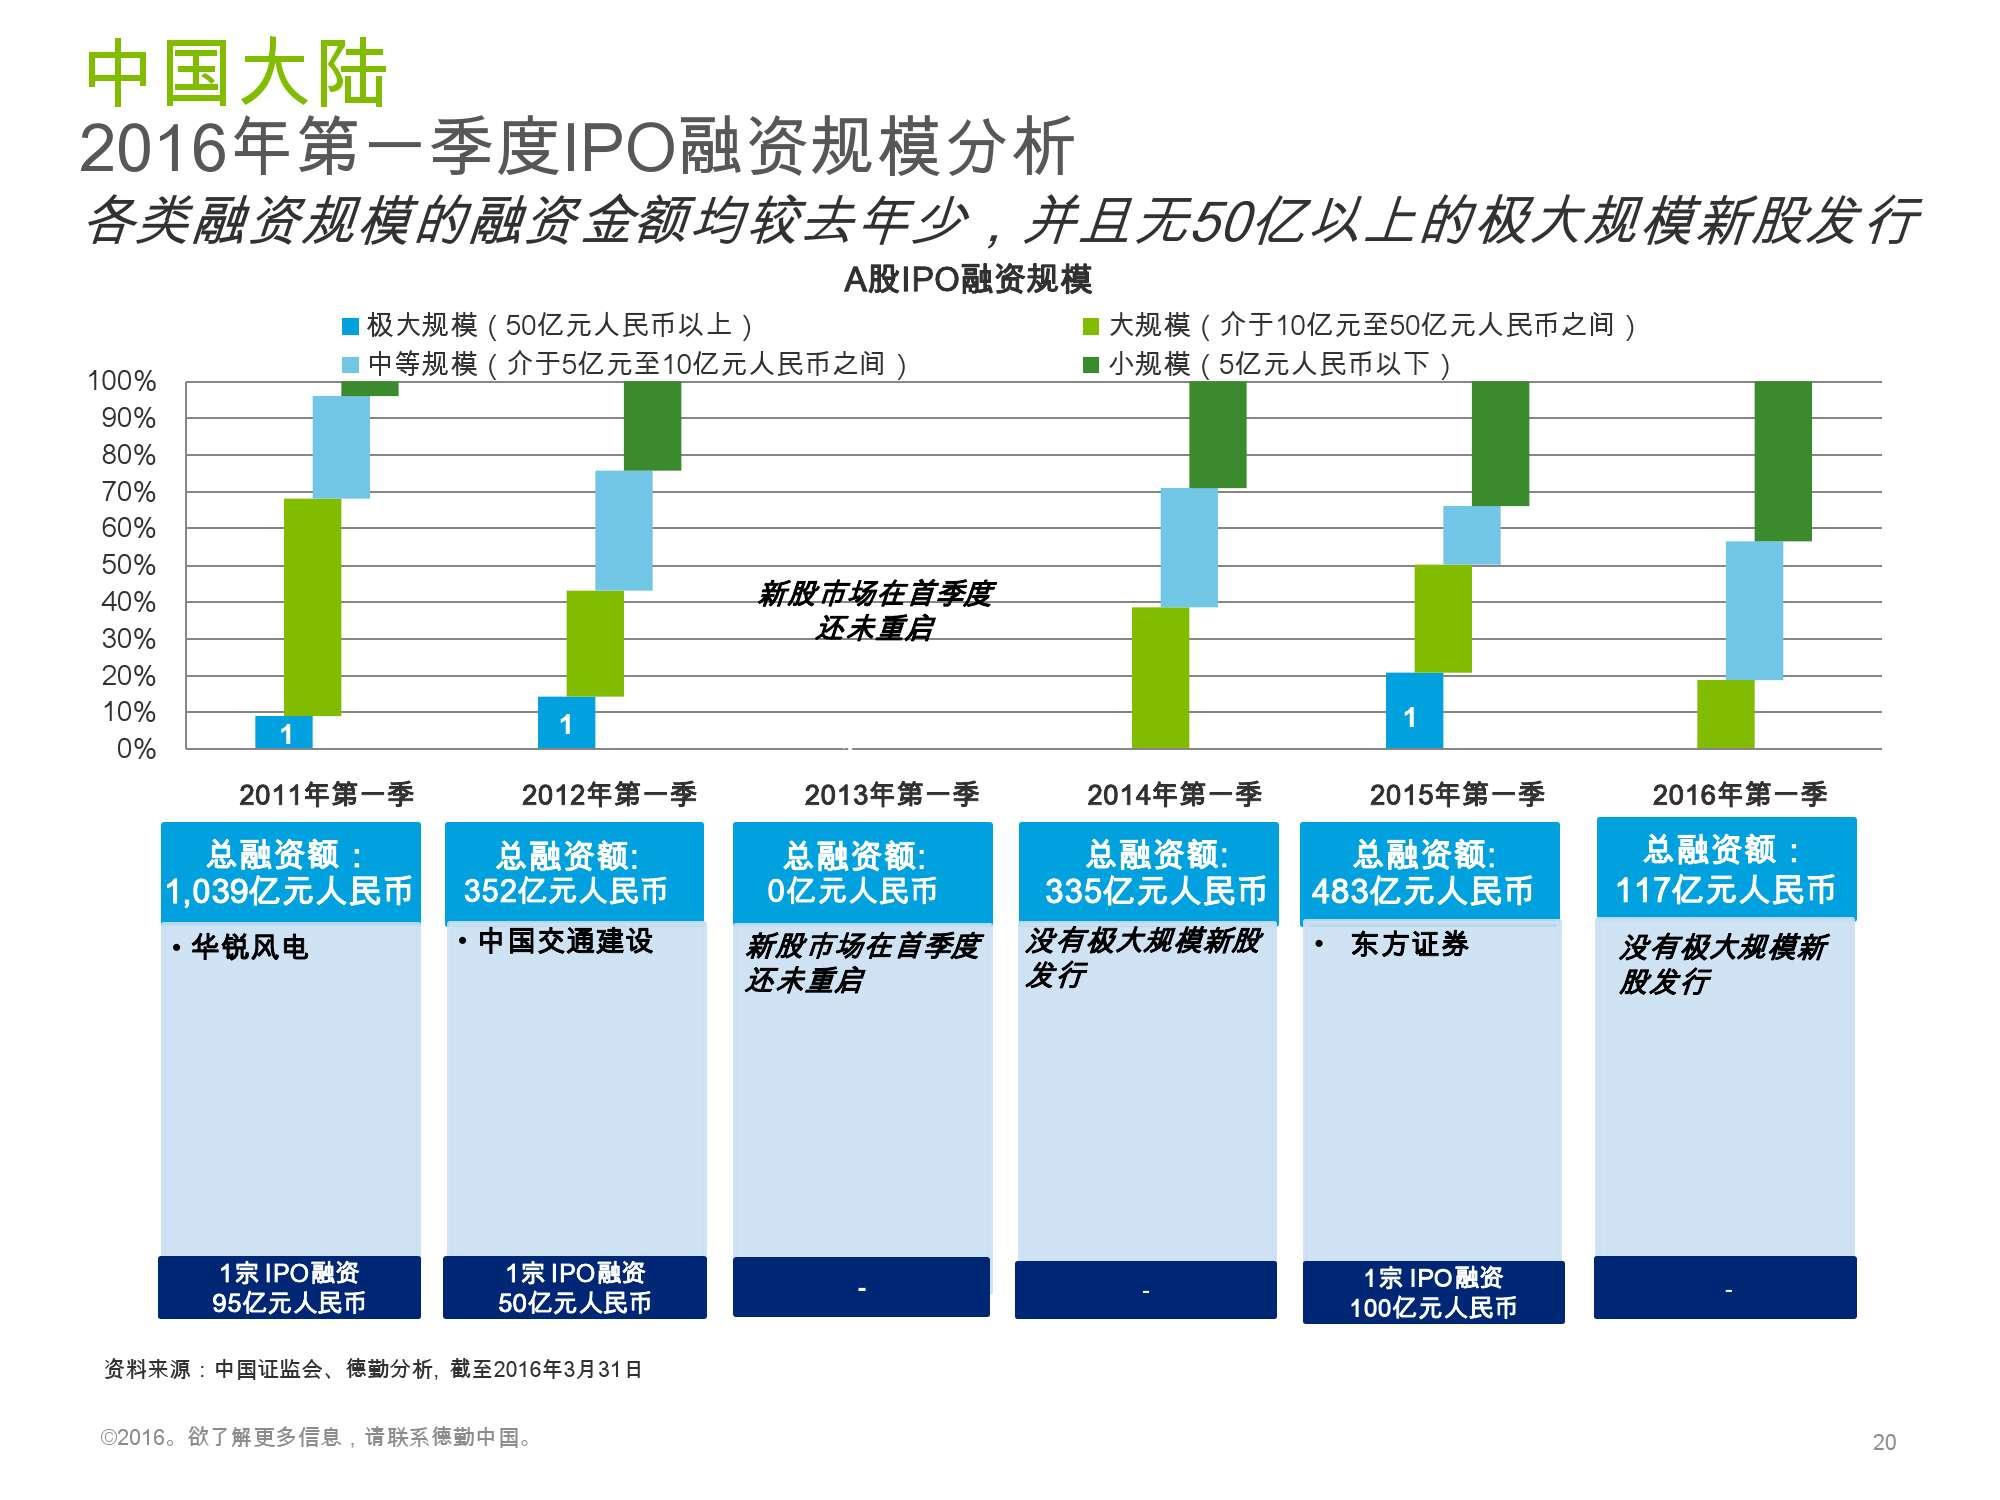 香港及中国大陆IPO市场2016年1季度_000020